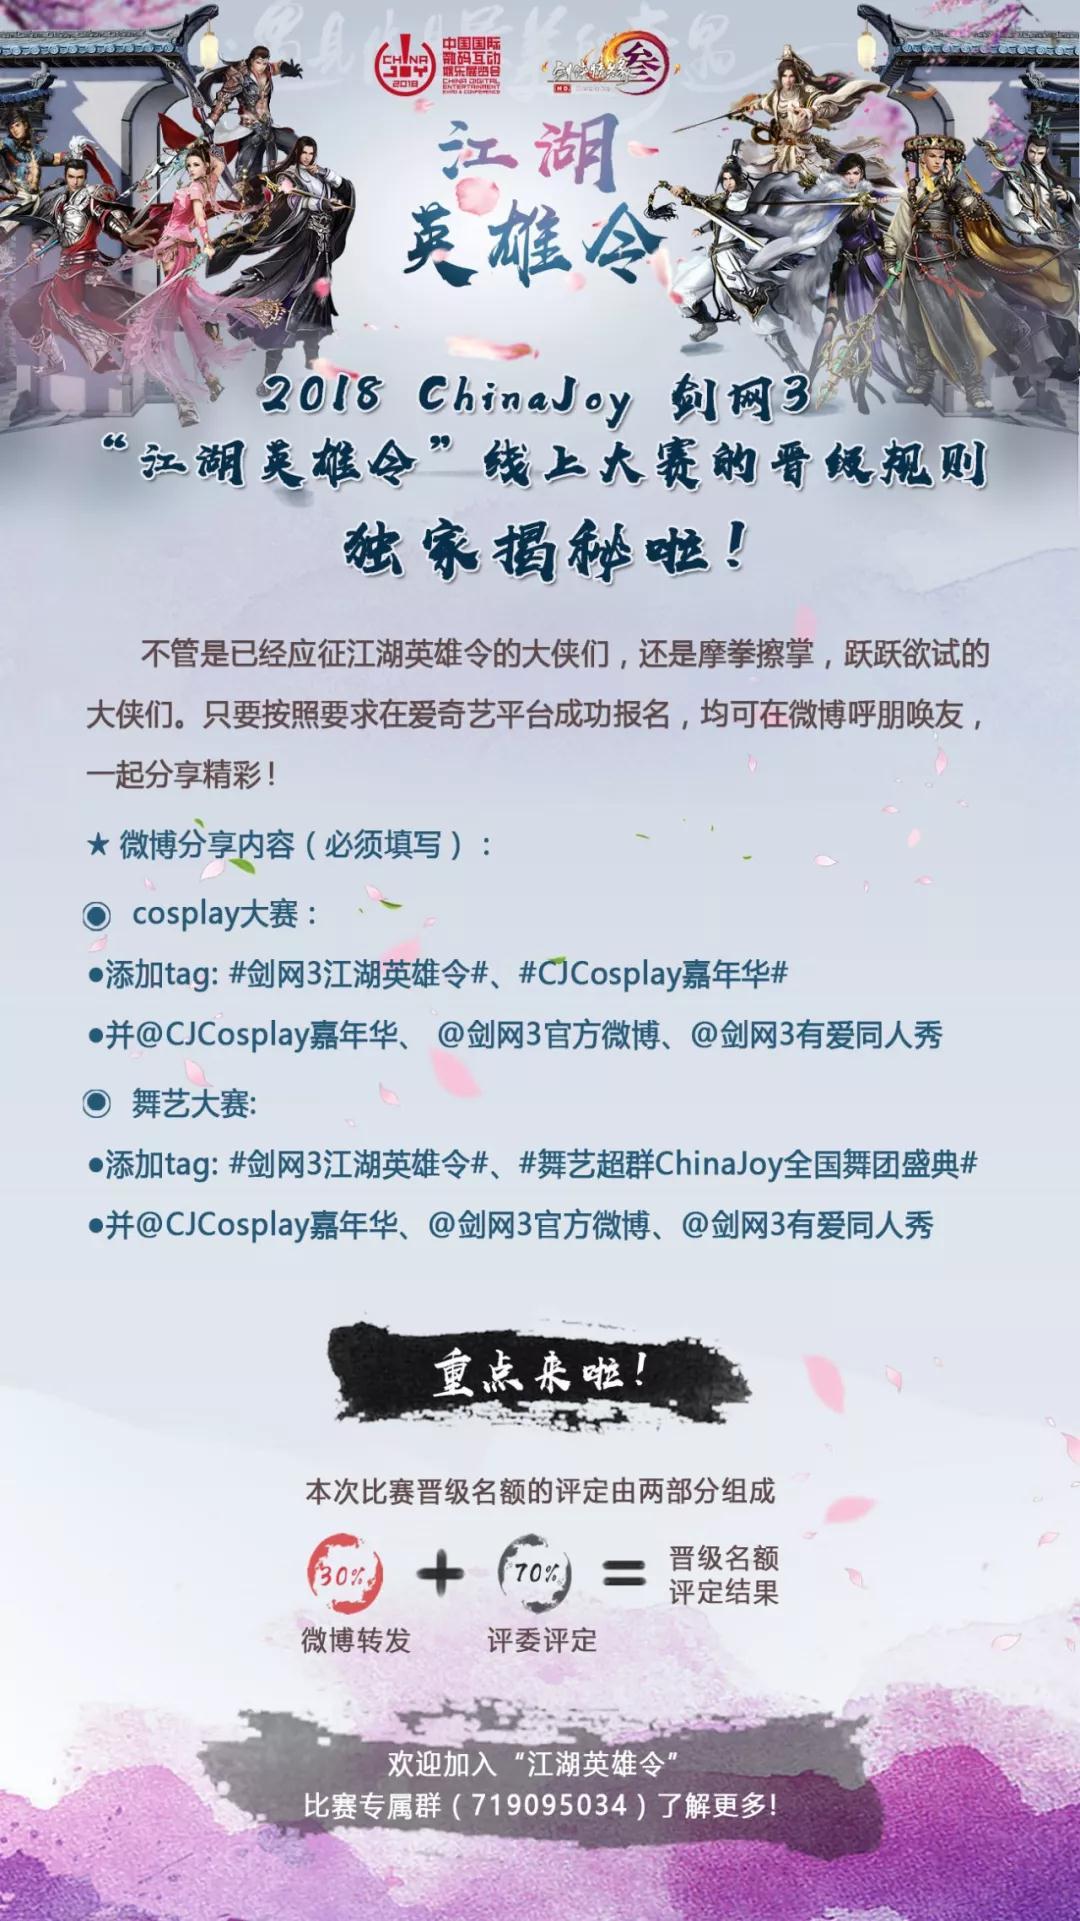 """2018 ChinaJoy 剑网3""""江湖英雄令""""线上大赛的晋级规则独家揭秘啦!"""